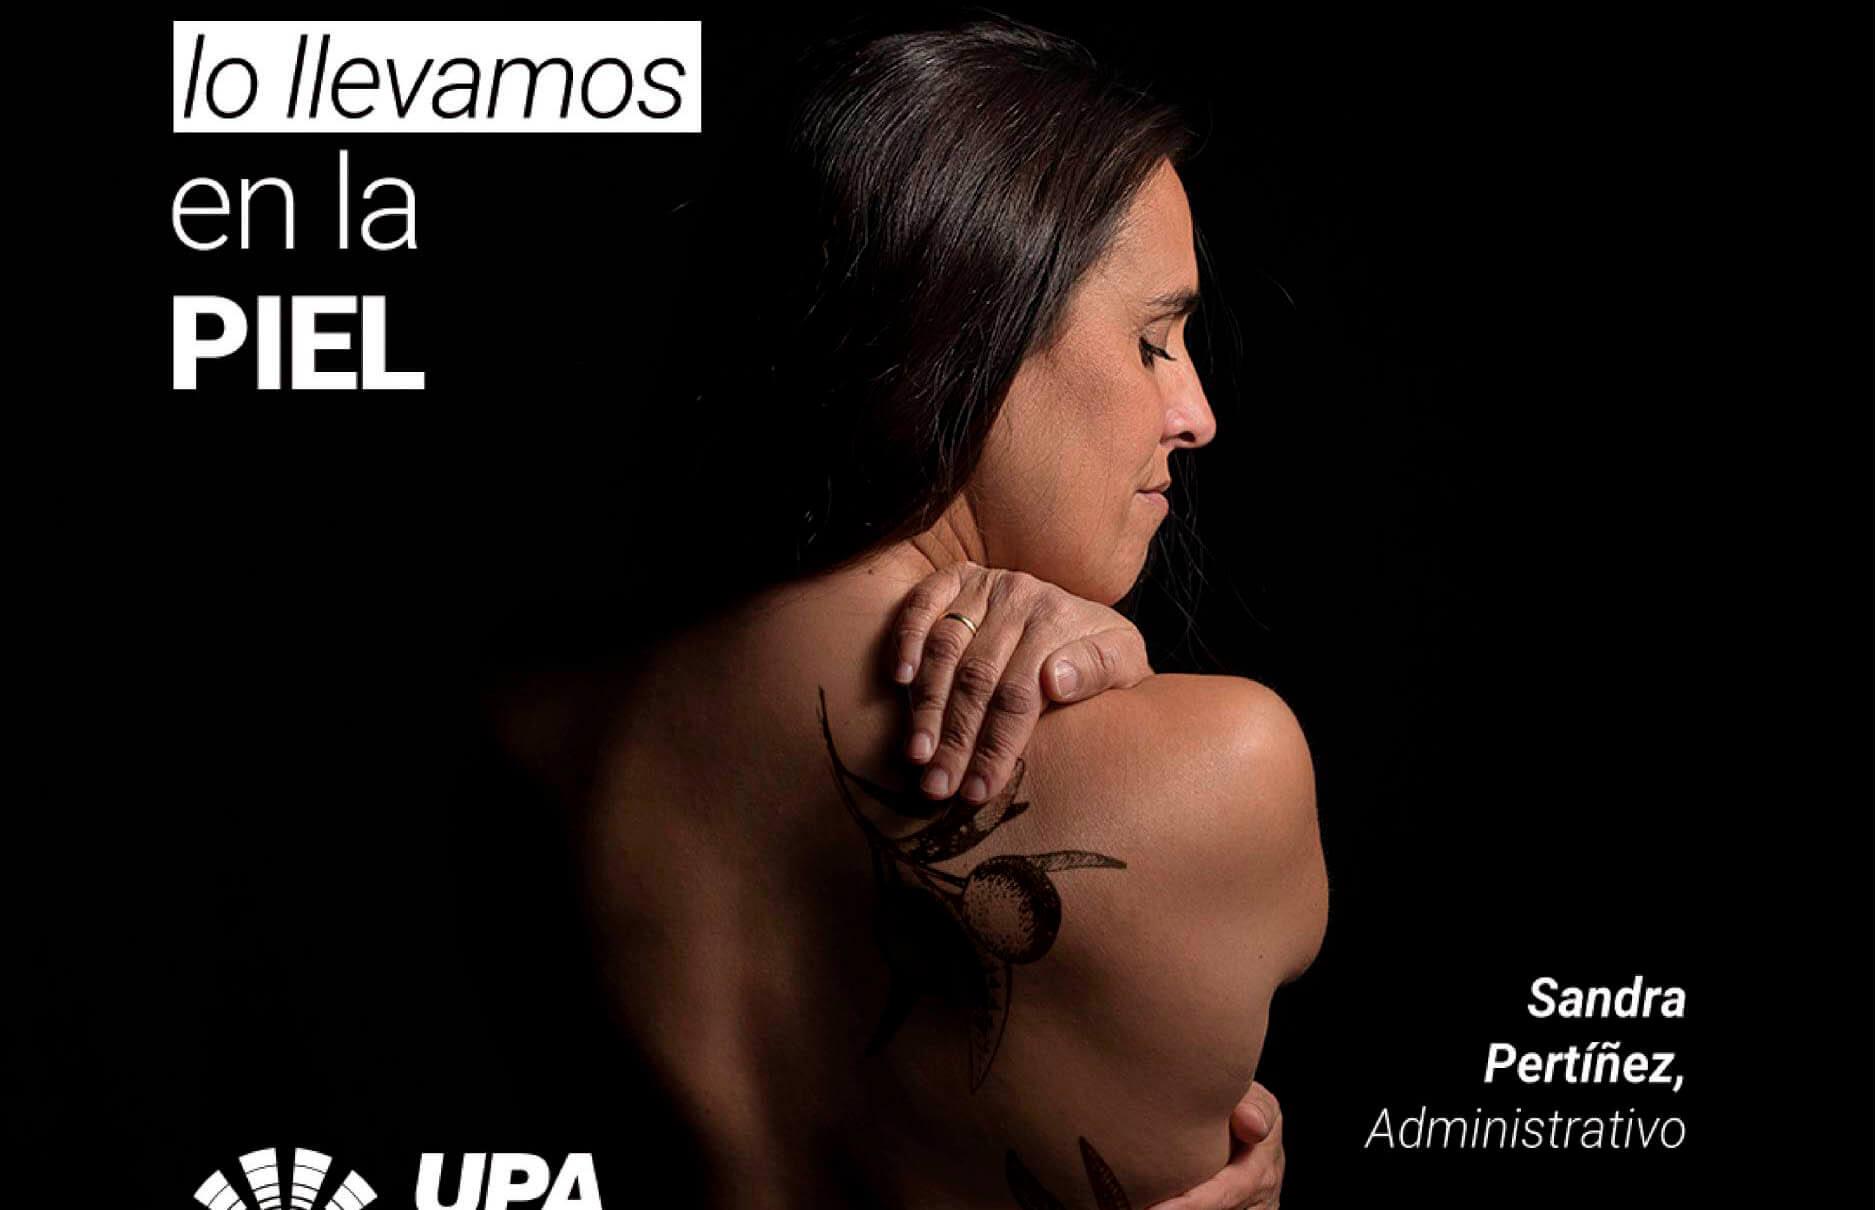 Veto a una campaña de UPA: «El aceite de oliva lo llevamos en la piel» aunque algunos lo que tienen en la piel es desmasiada sensibilidad